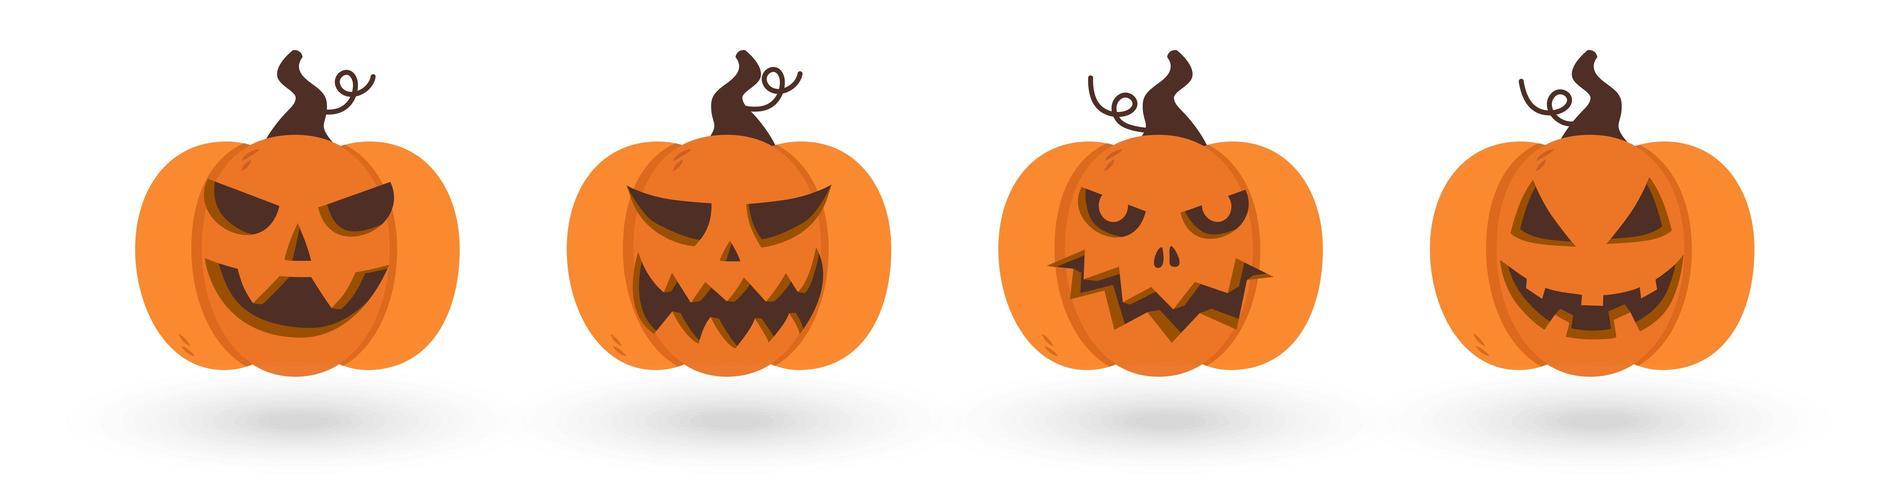 Uppsättning av läskiga och roliga halloween pumpor vektor